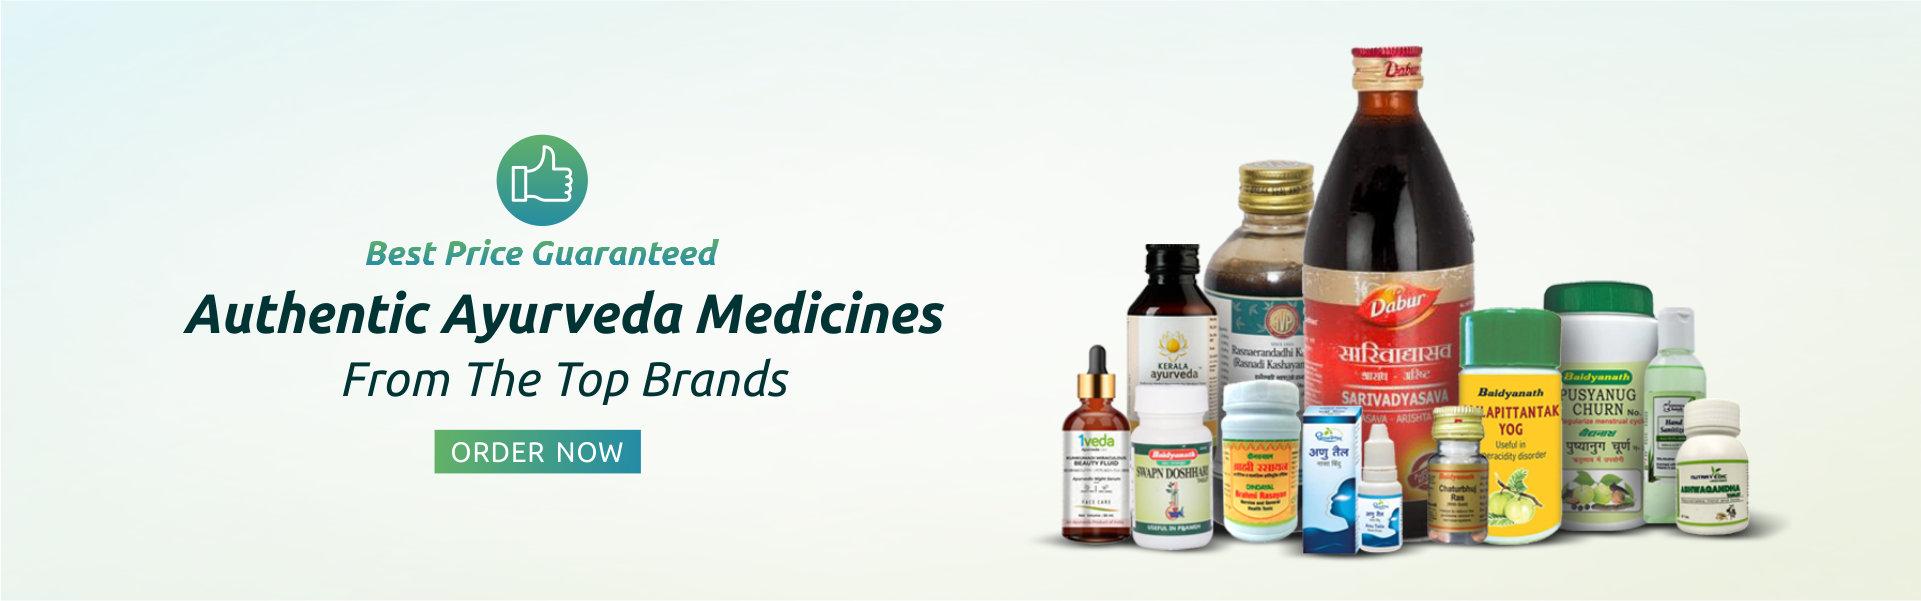 view ayurveda medicines